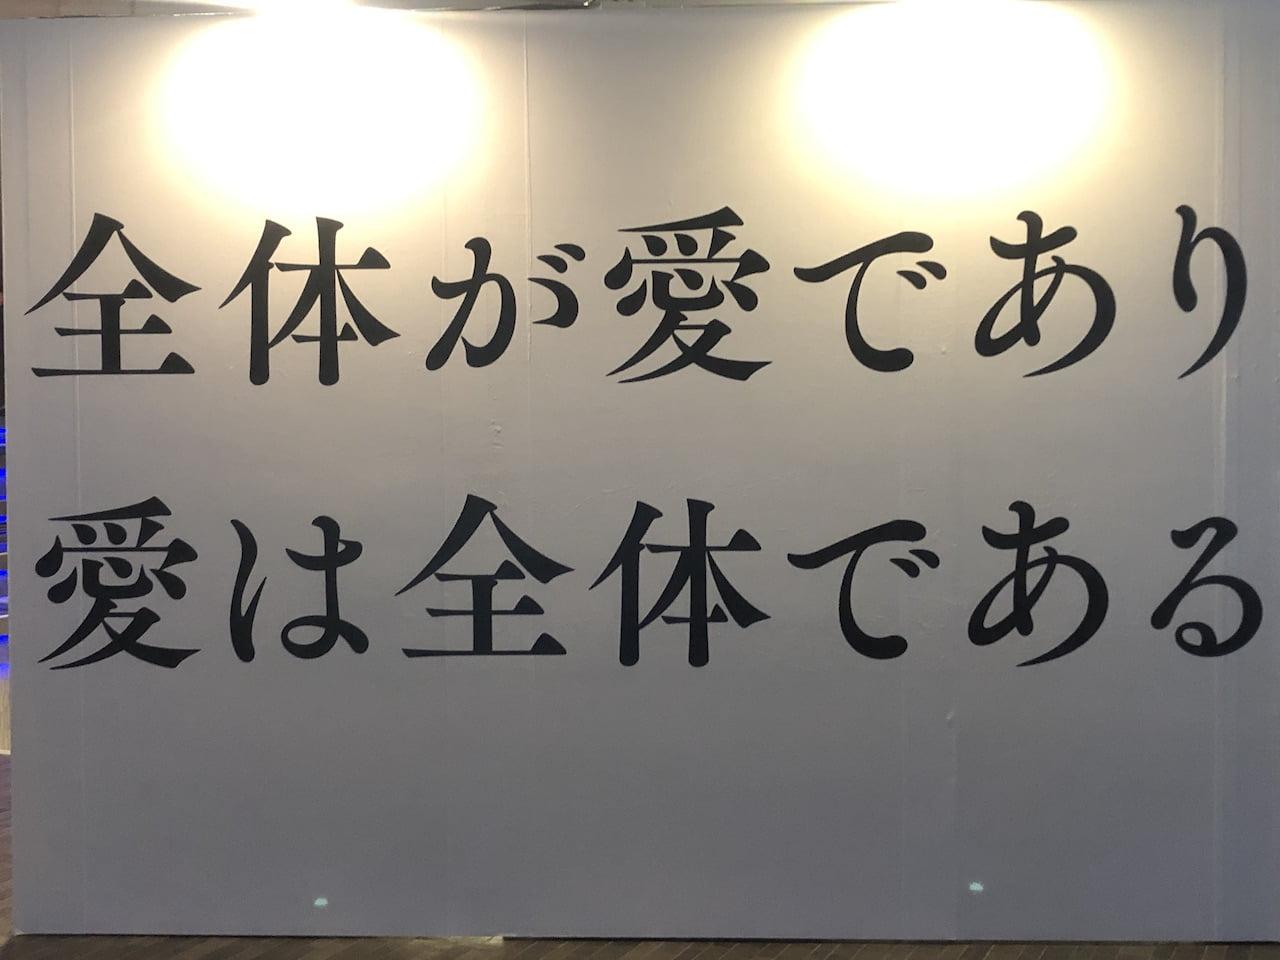 【感想】すみだ水族館『私の愛するいきもの展』に編愛の美しさを見た【クロナマコ】サムネイル